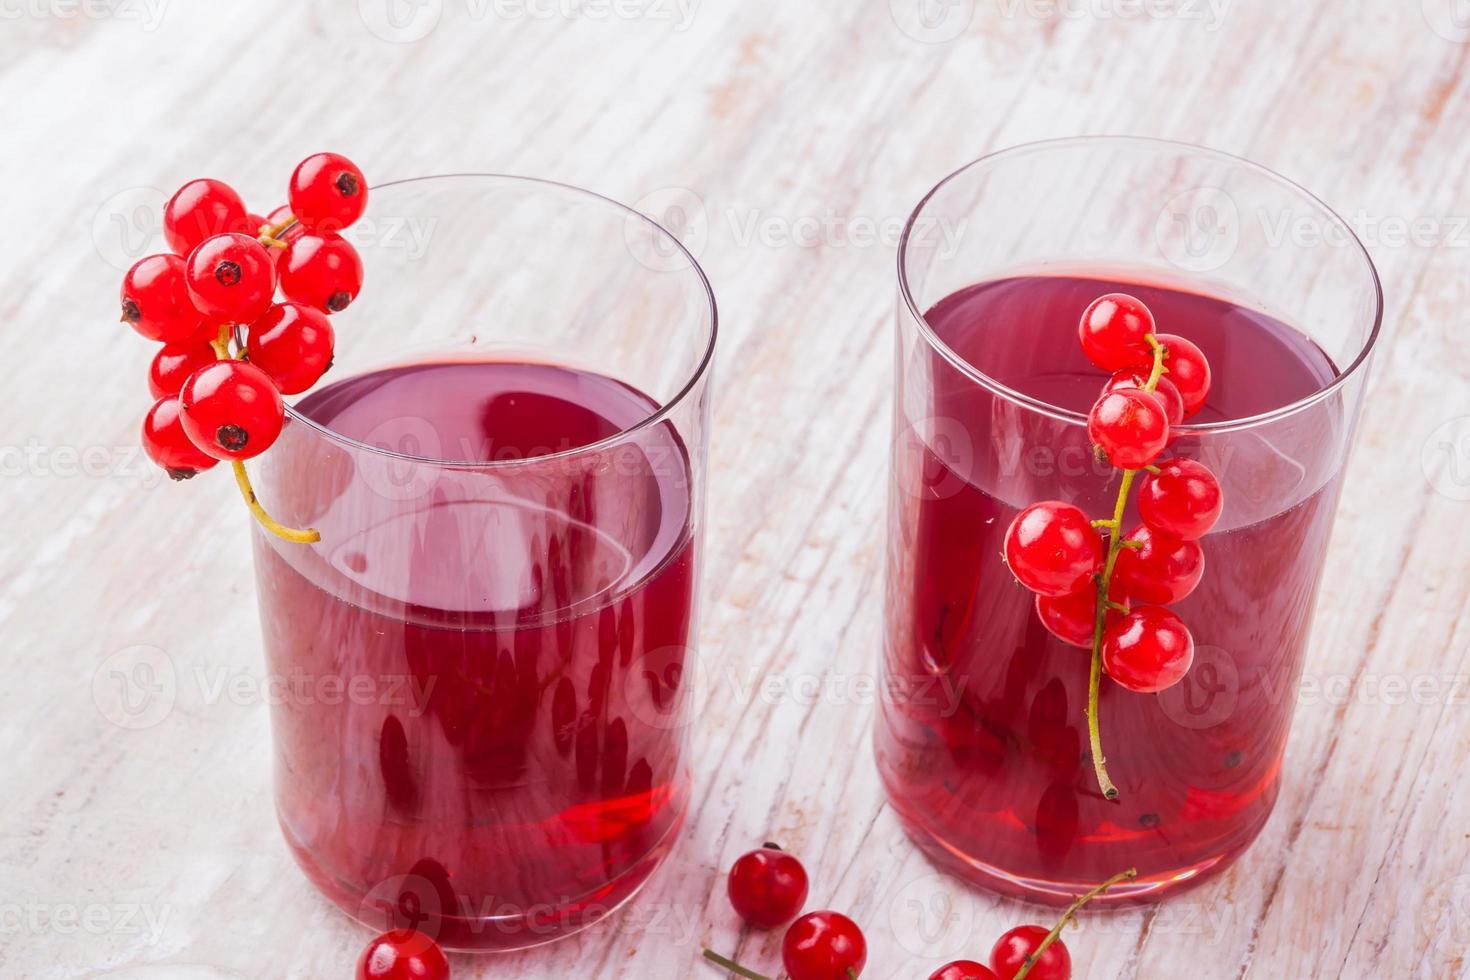 boisson groseille rouge en verre photo